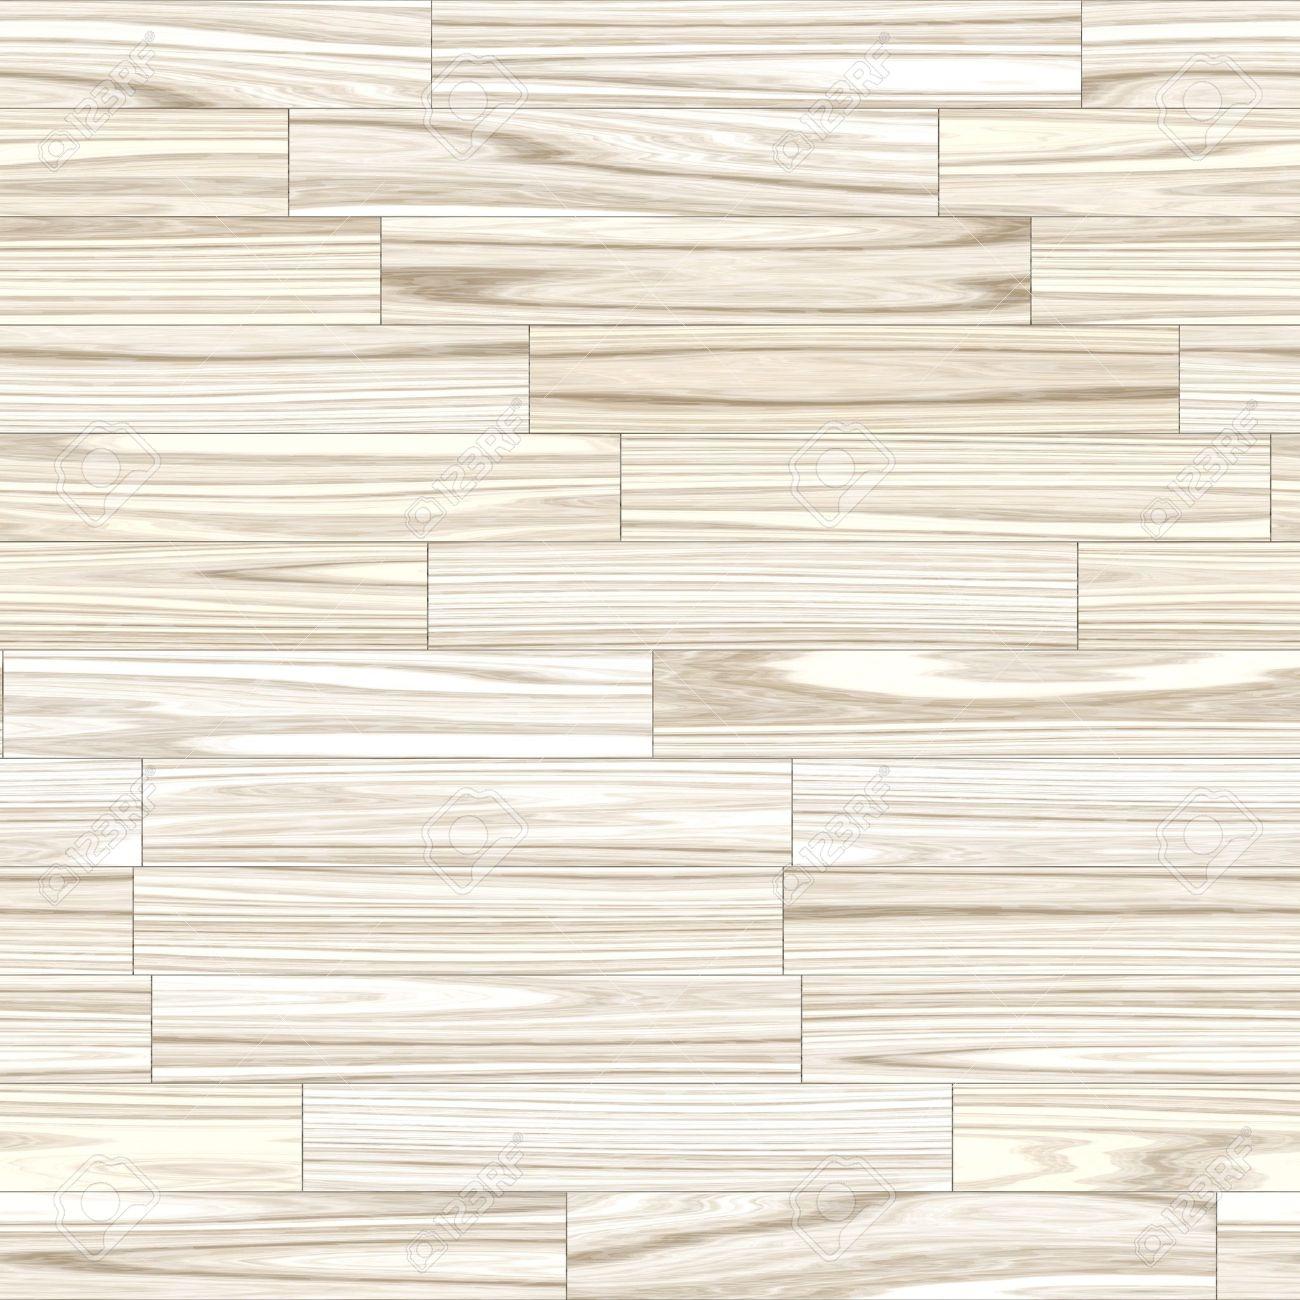 Moderne fliesen textur  Ein Moderner Stil Aus Hellem Holz Korn Textur, Fliesen Nahtlos Als ...